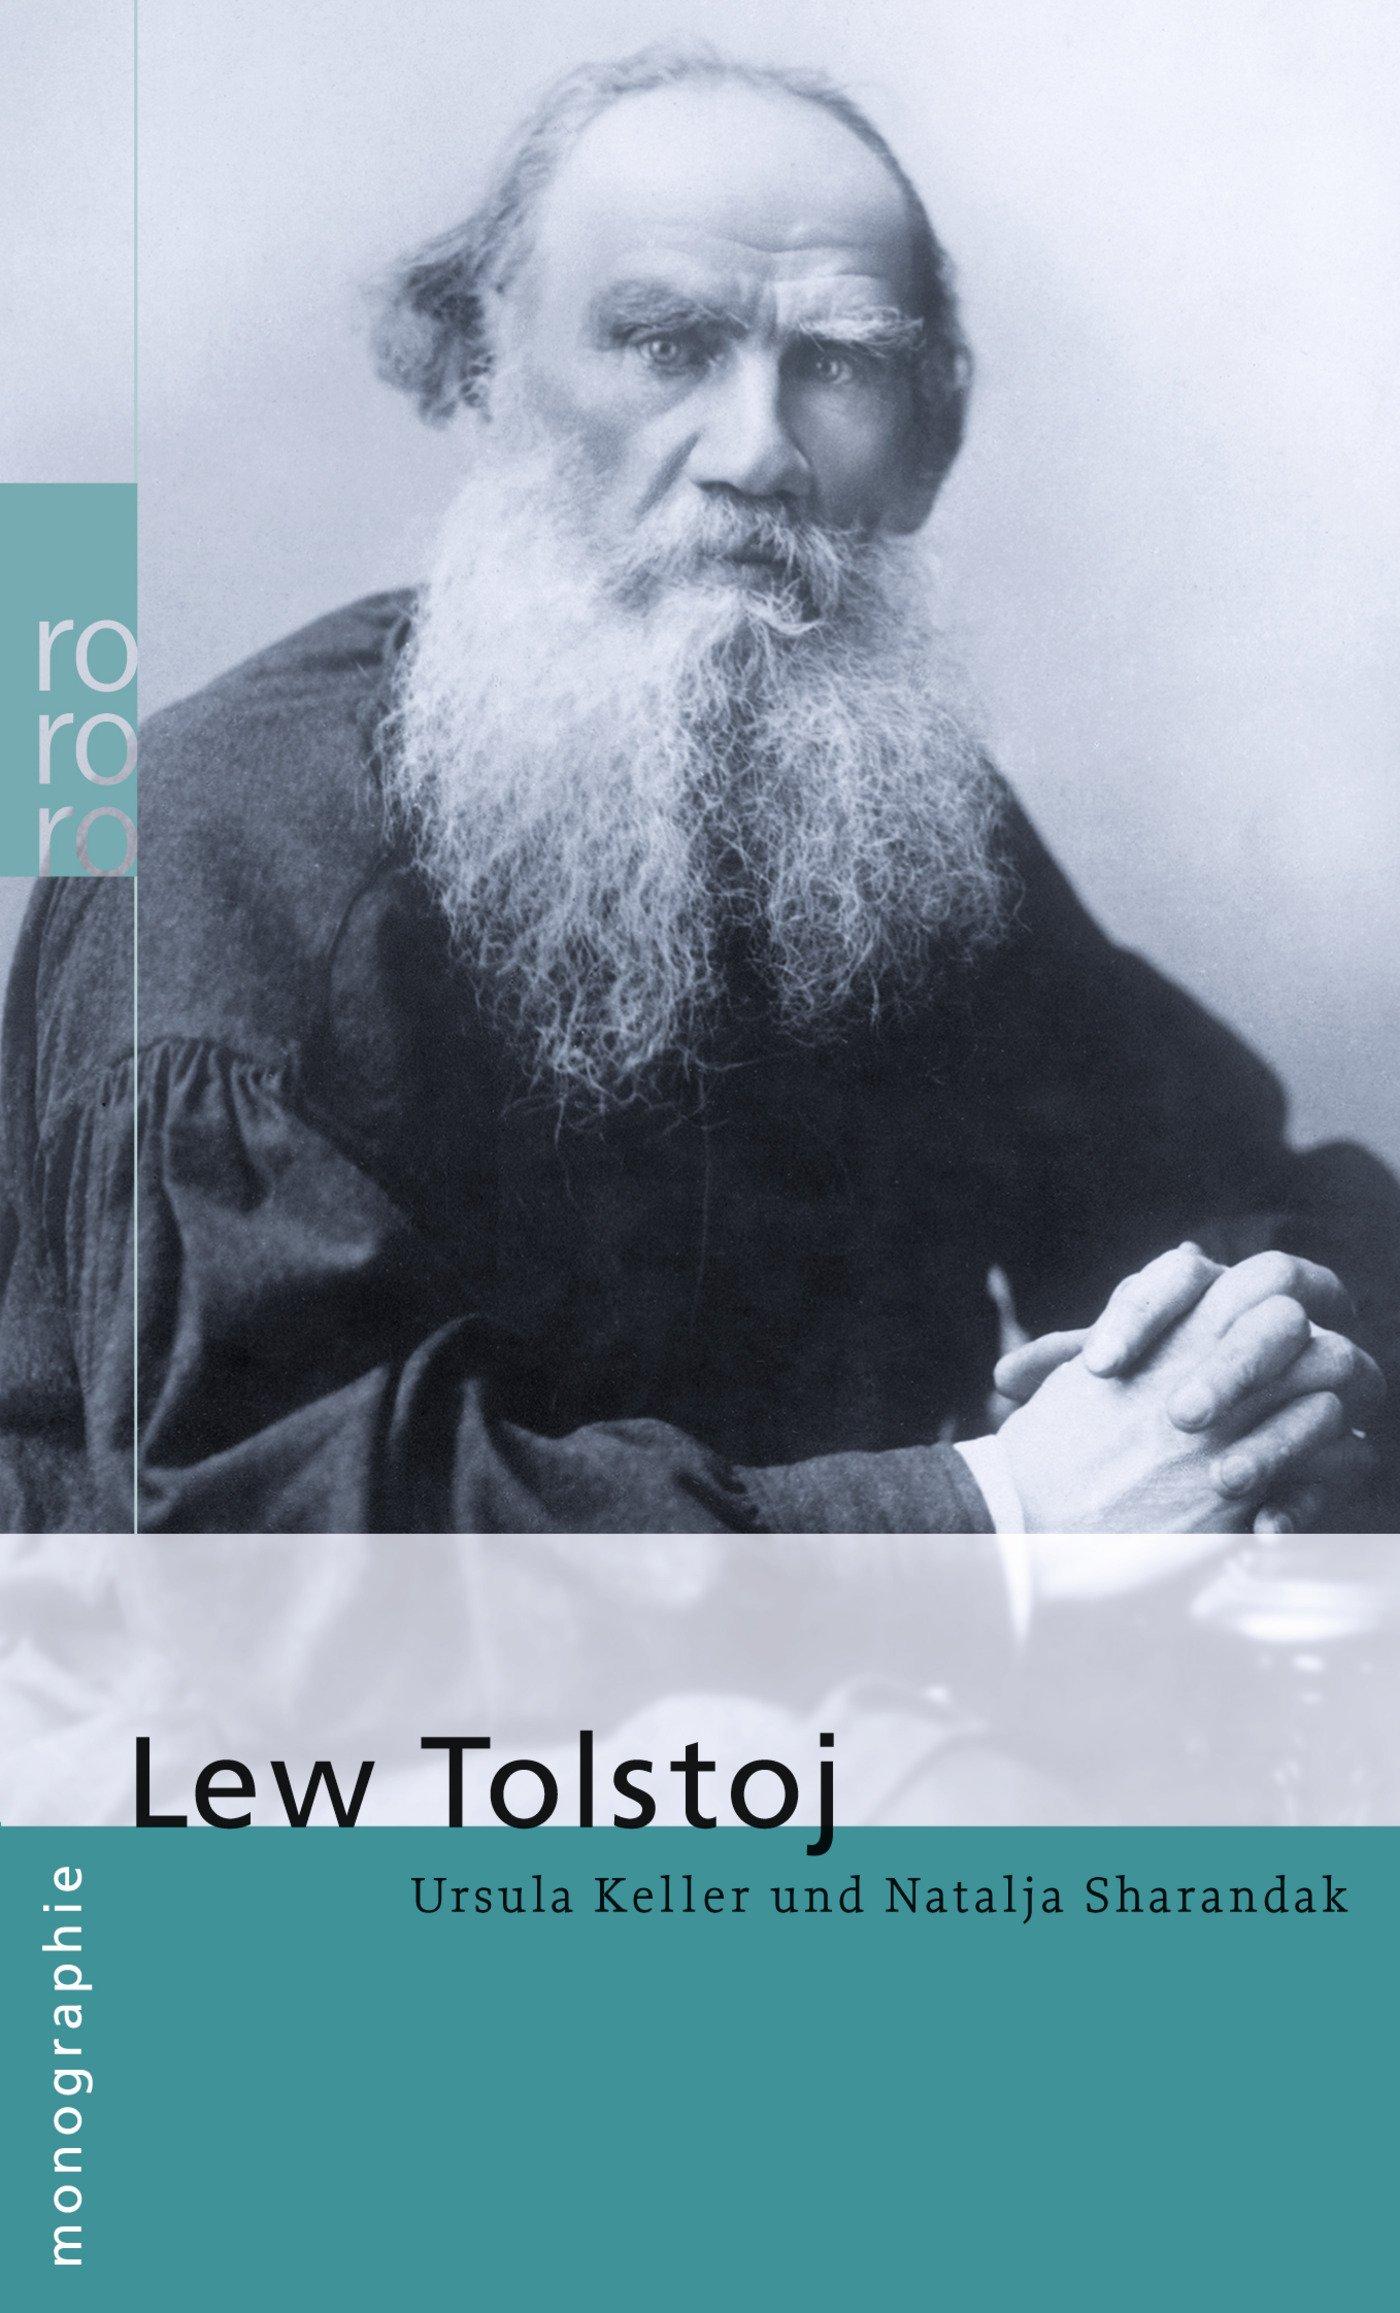 Lew Tolstoj